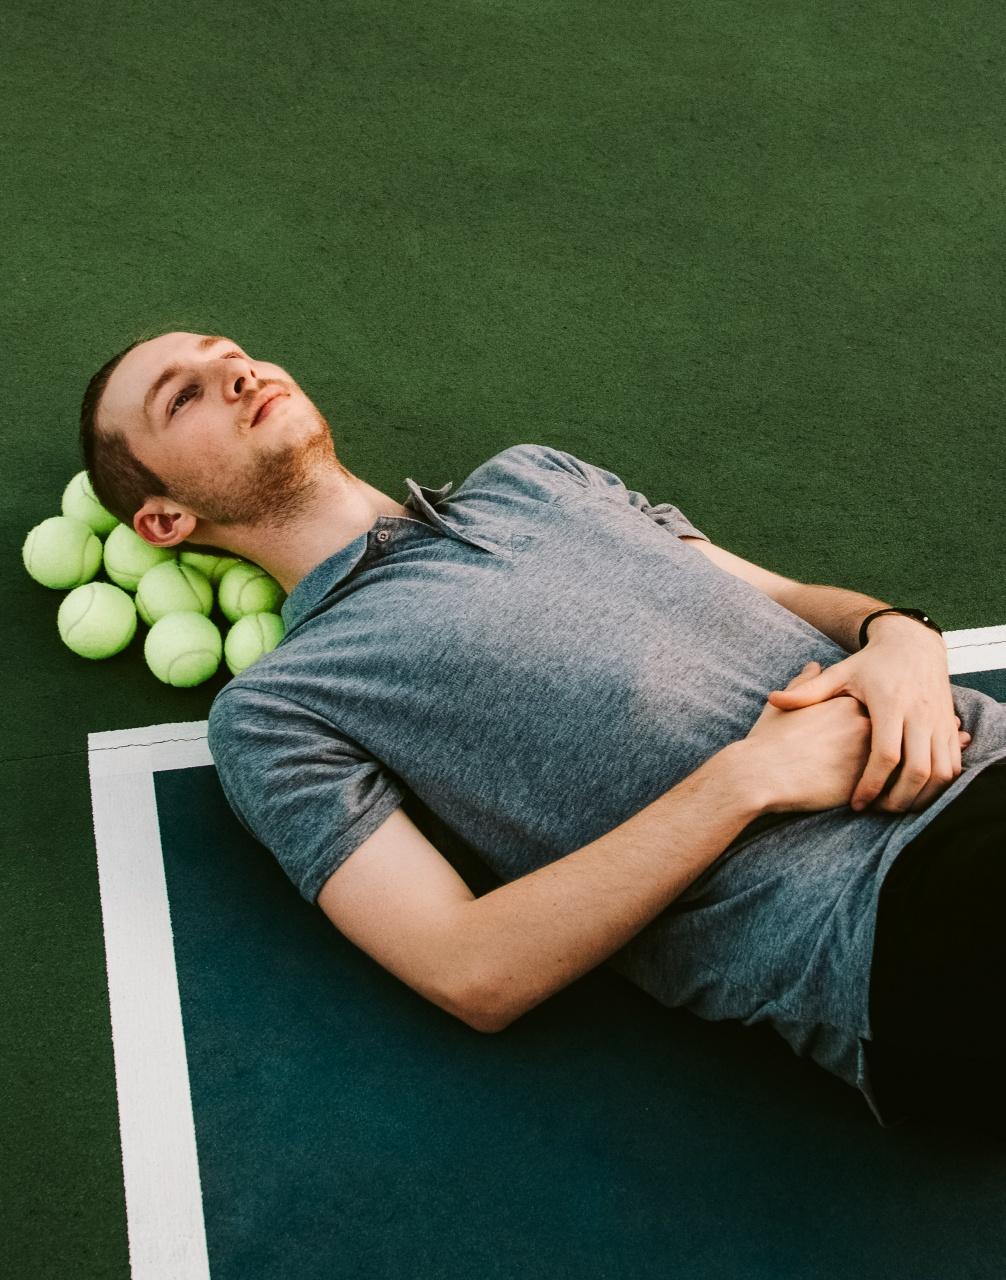 Tennis Bro?